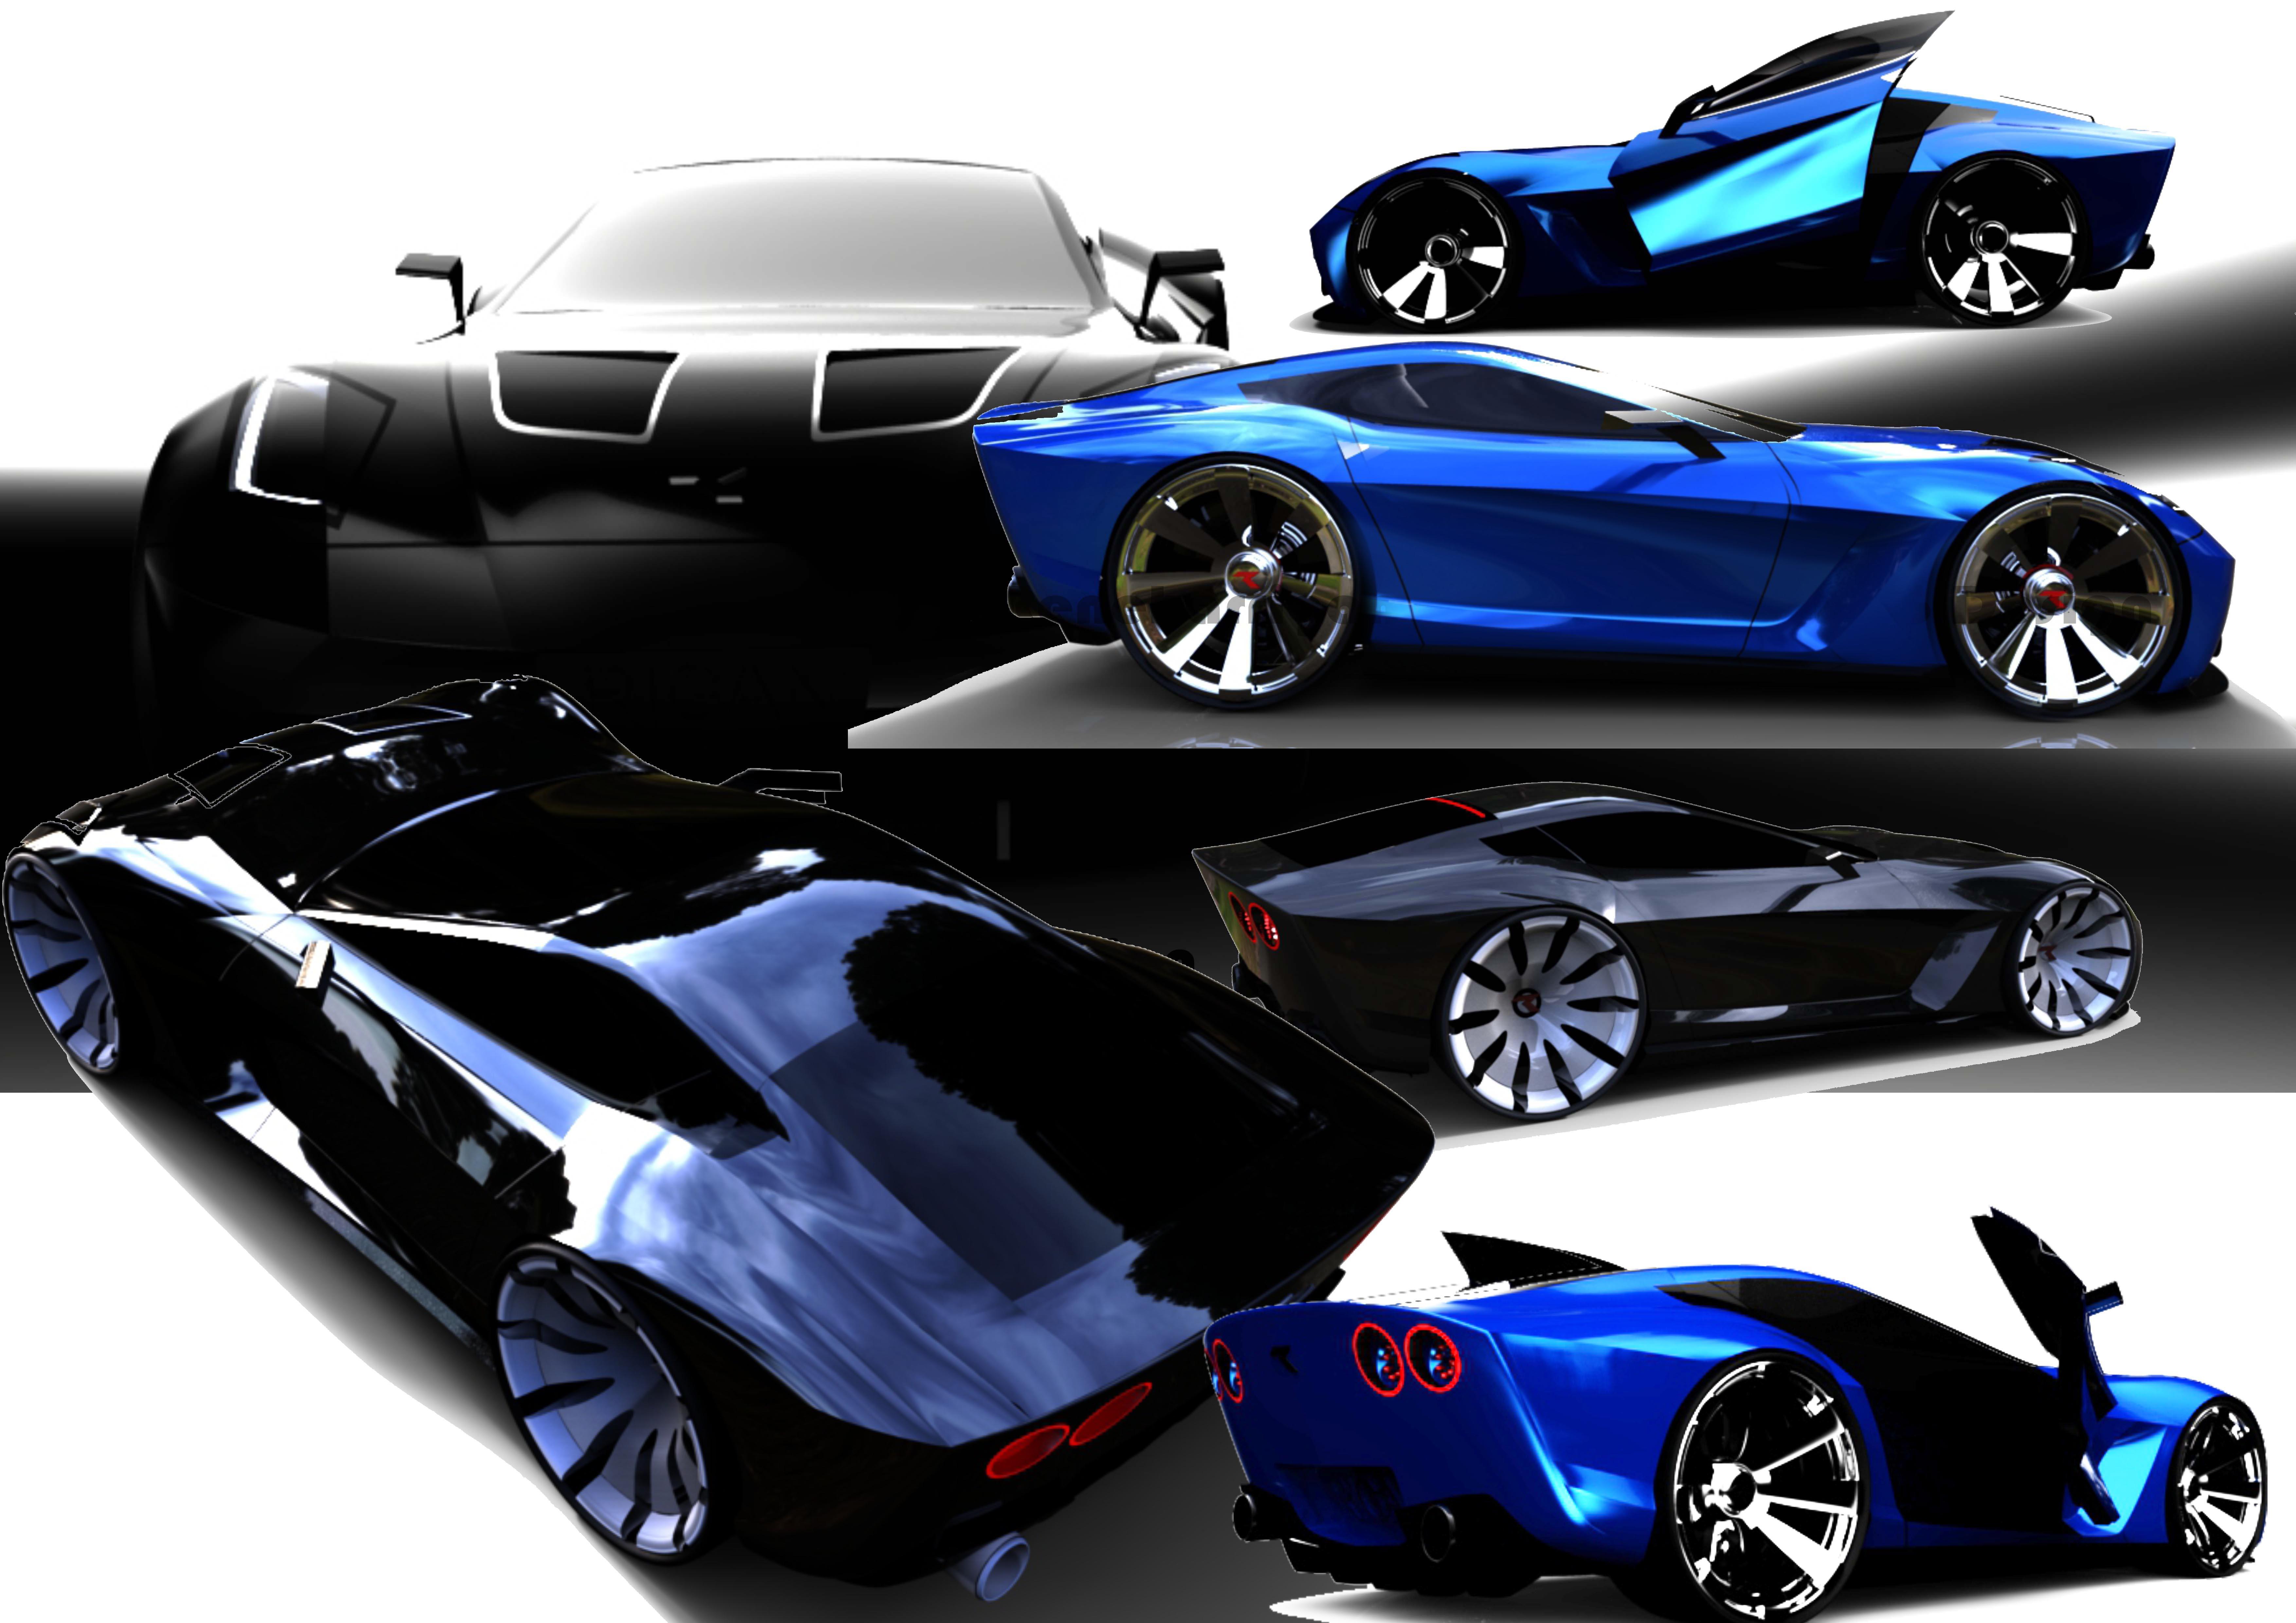 Concept car GTS 860 3d art